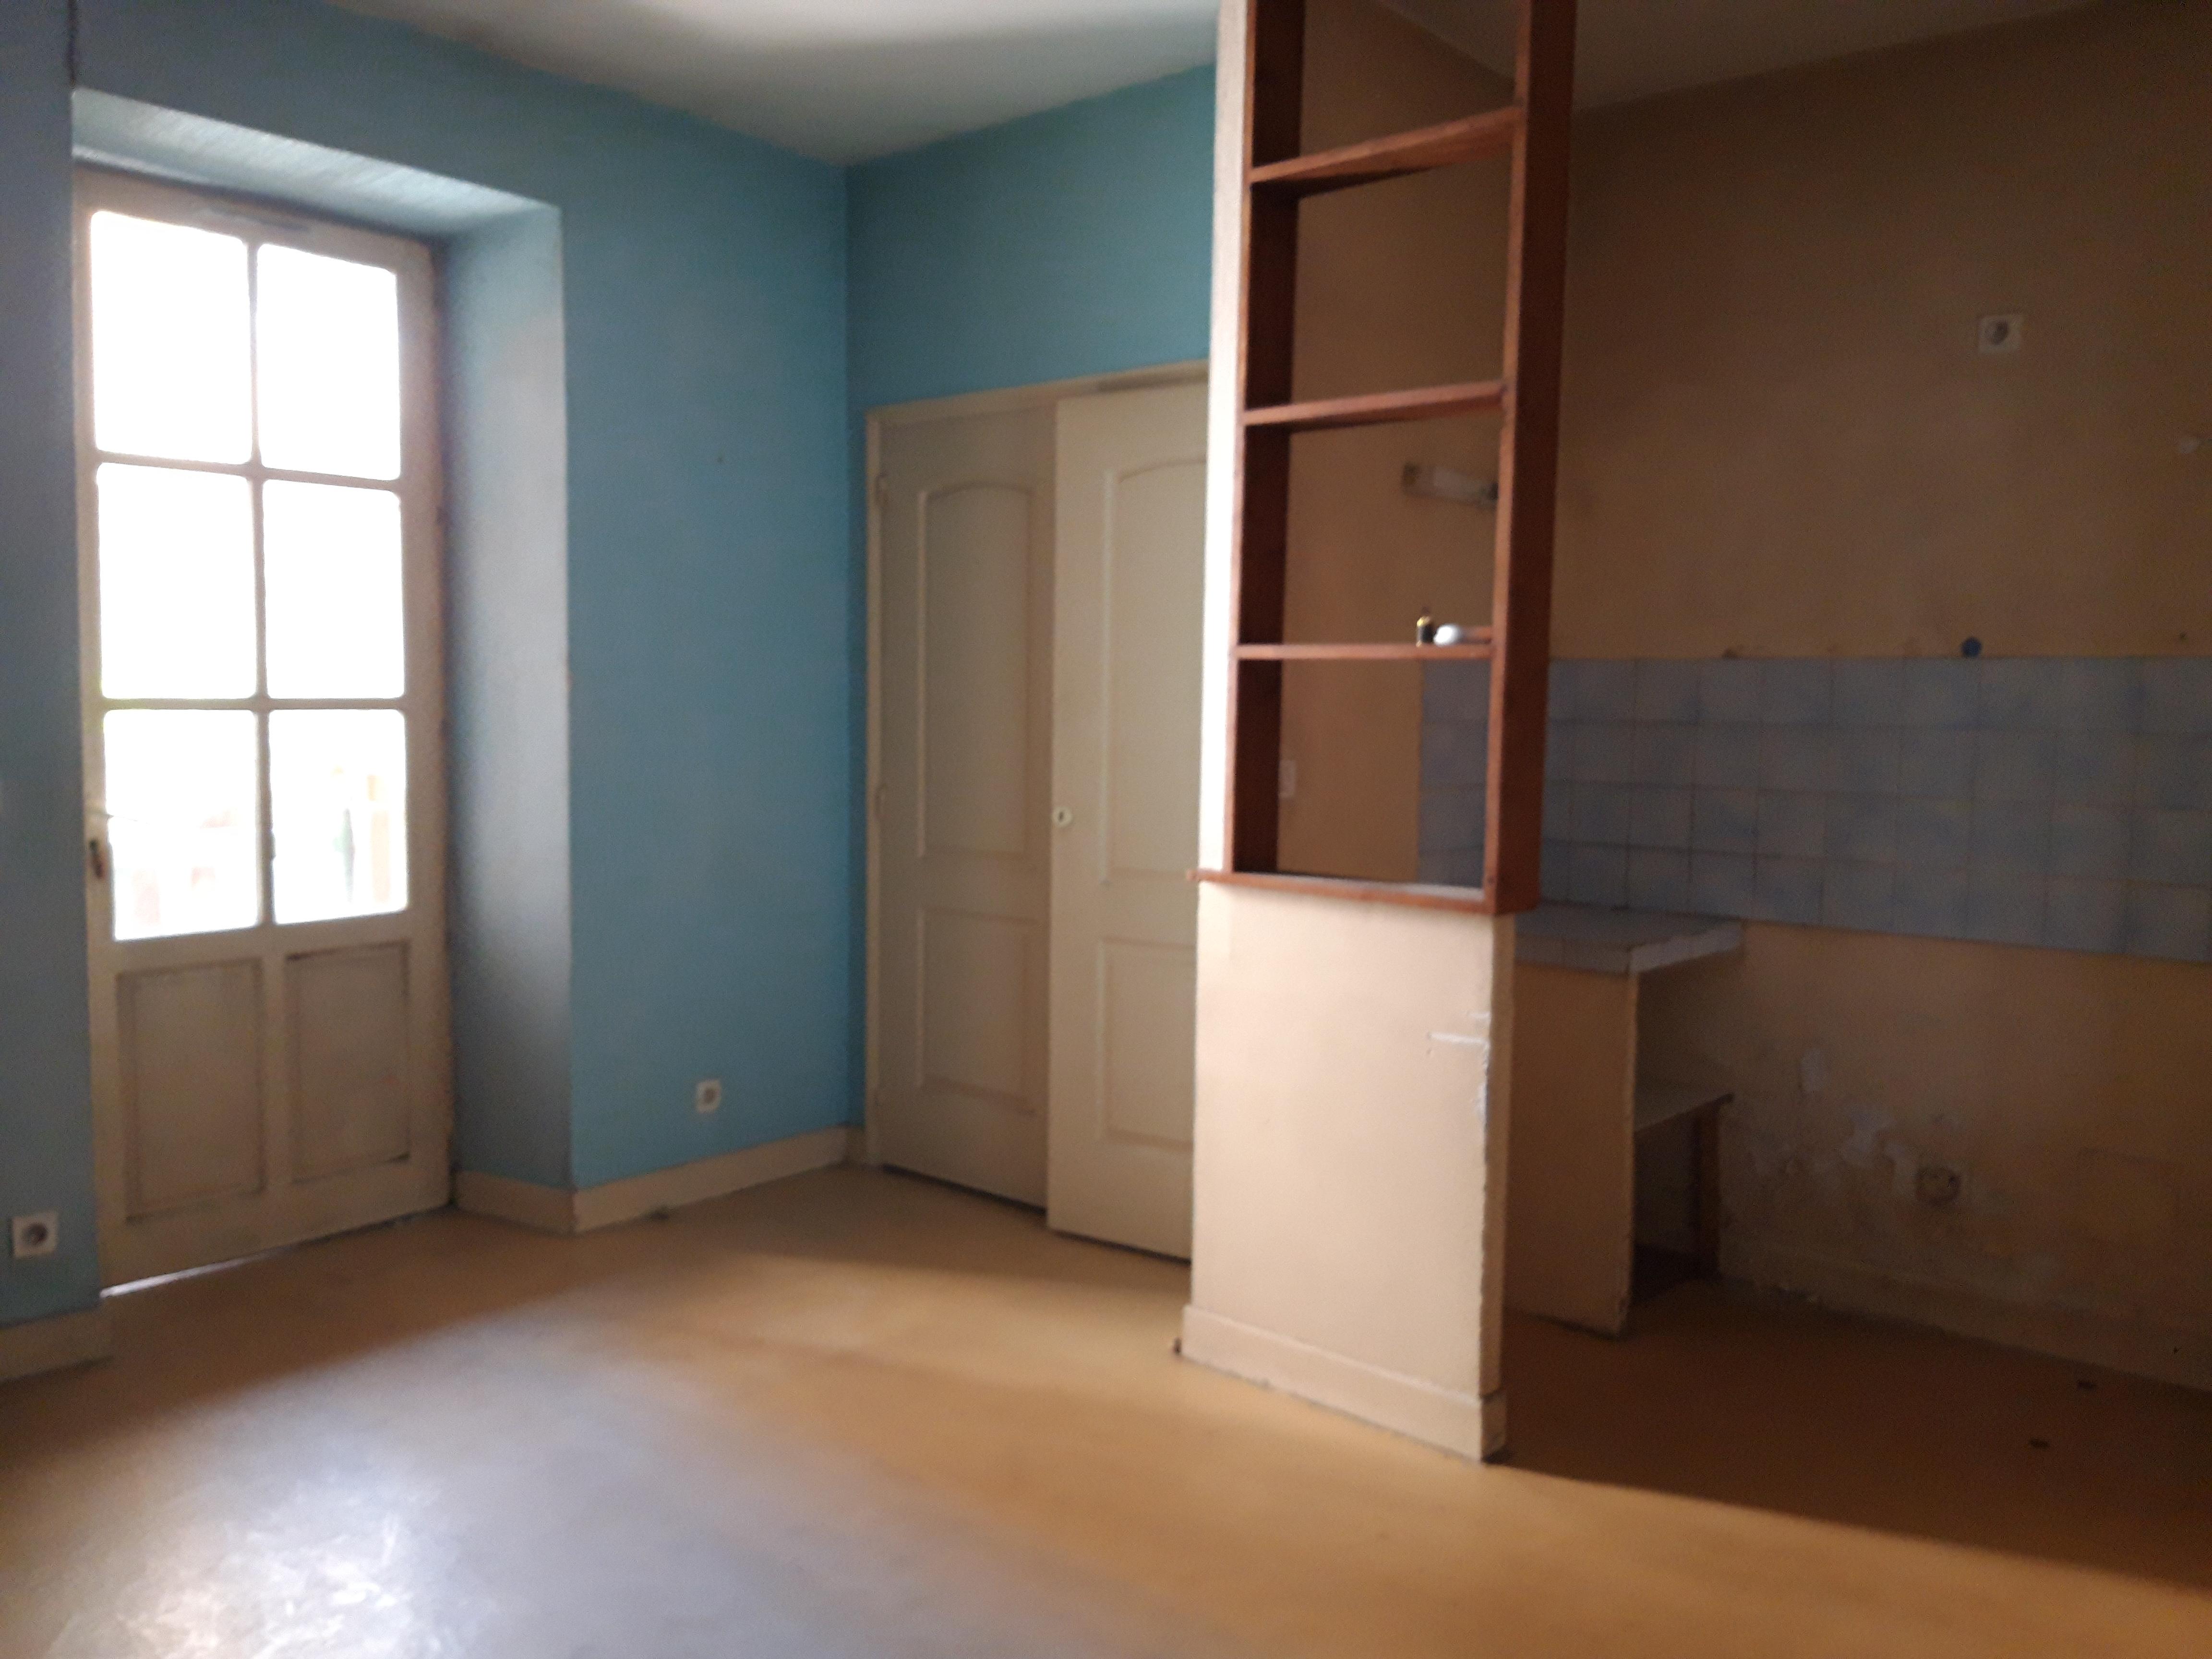 Appartement T2 en RDC à vendre à FIGEAC